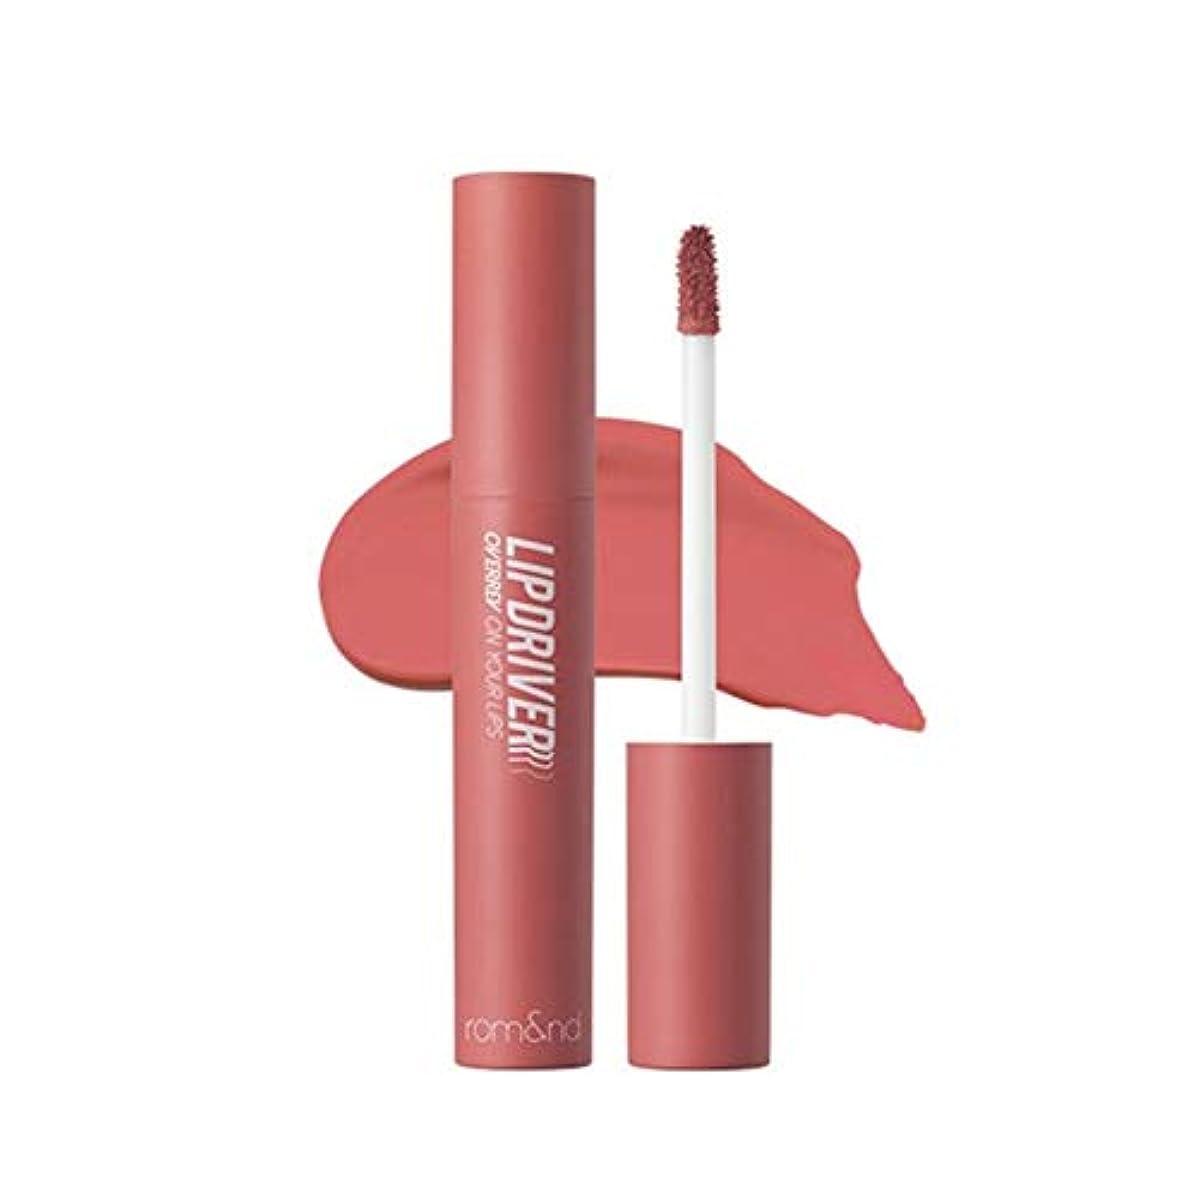 もちろんお願いします二層ローム?アンド?リップドライバリップスティック5カラー韓国コスメ、Rom&nd Lipdriver Lipstick 5 Colors Korean Cosmetics [並行輸入品] (#05. overrev)